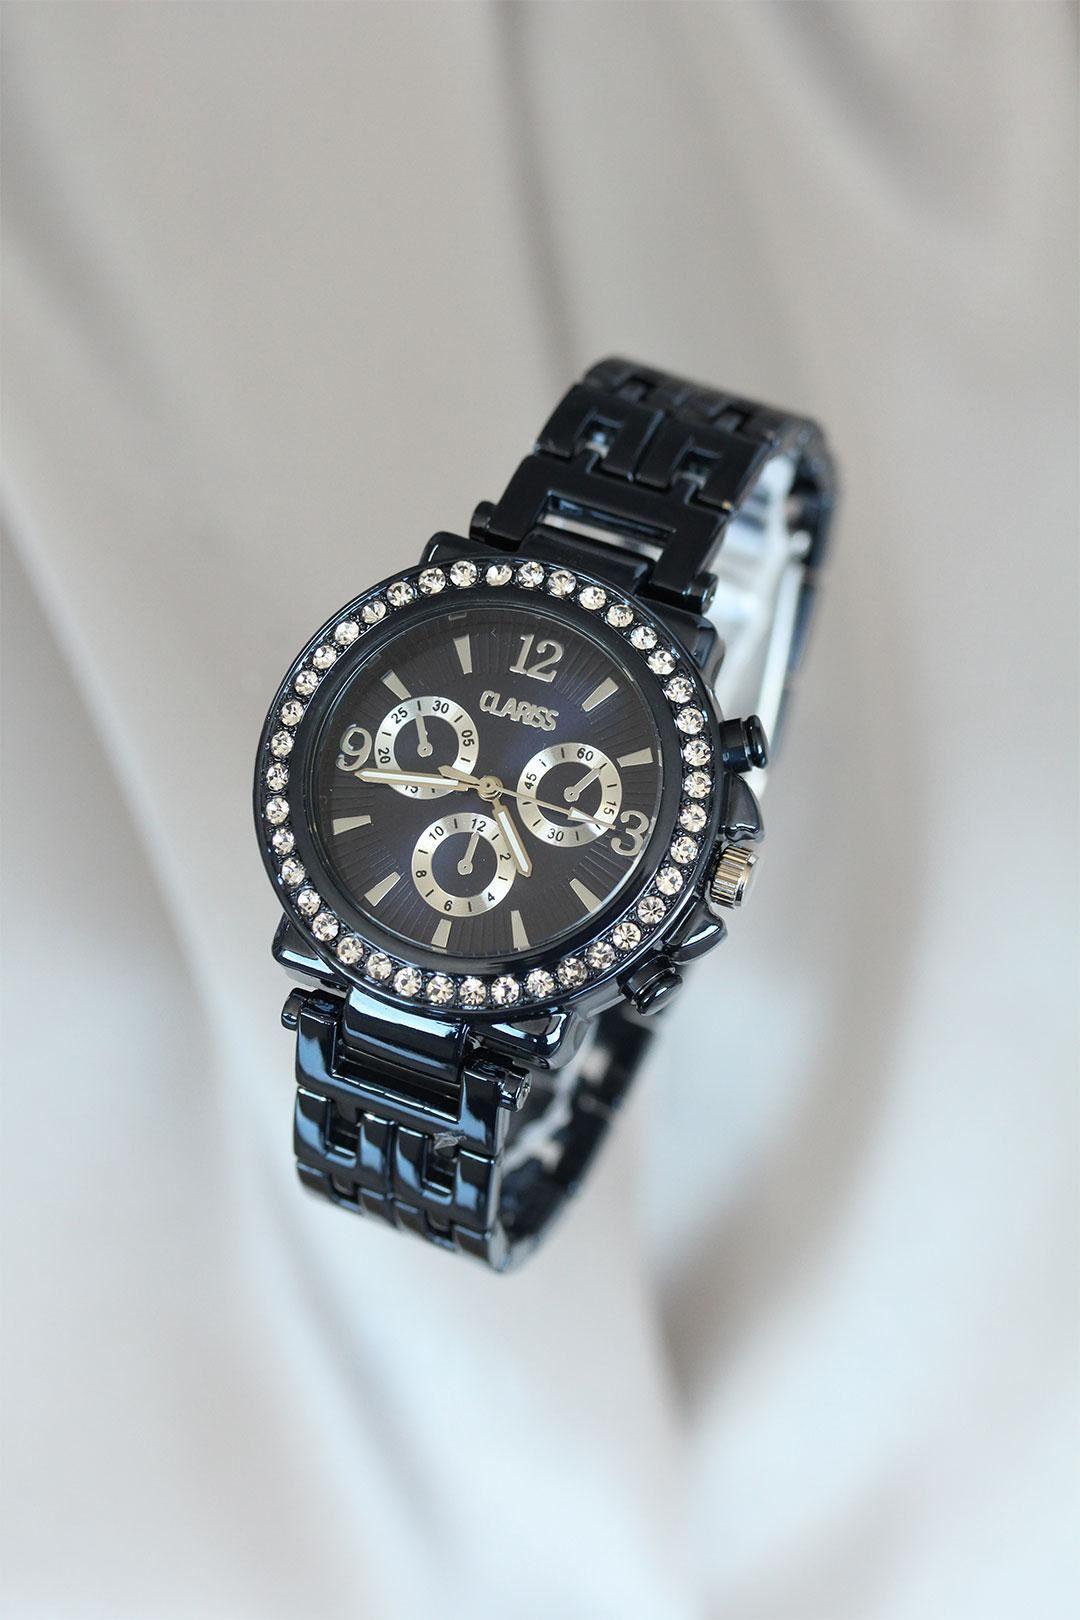 Clariss Marka Lacivert Renk Zirkon Taşlı Metal Kadın Saat